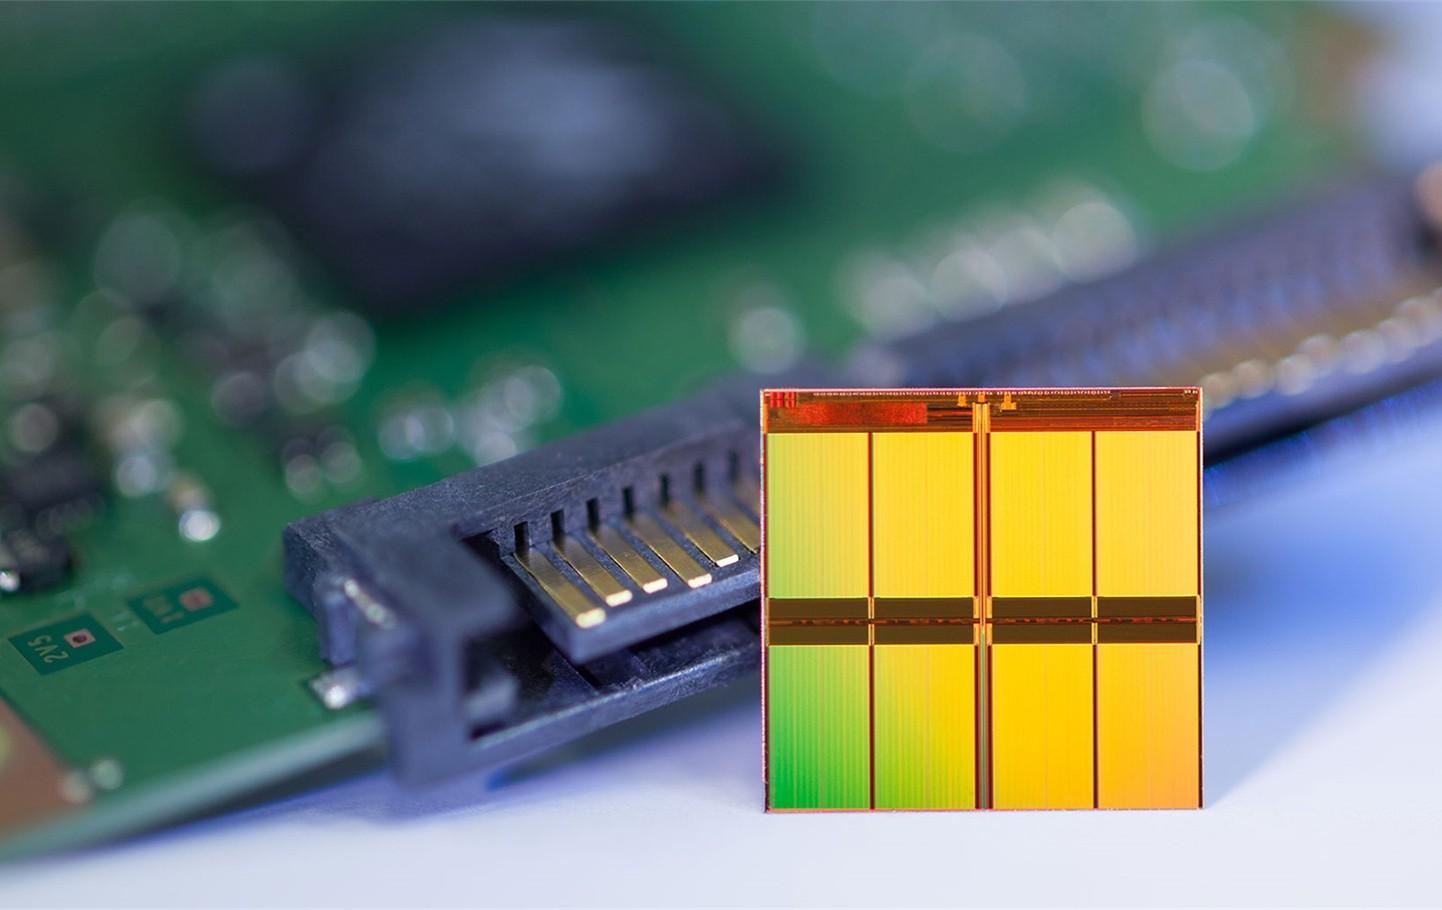 不止显卡 SSD也被矿工盯上:有人组16TB阵列挖矿